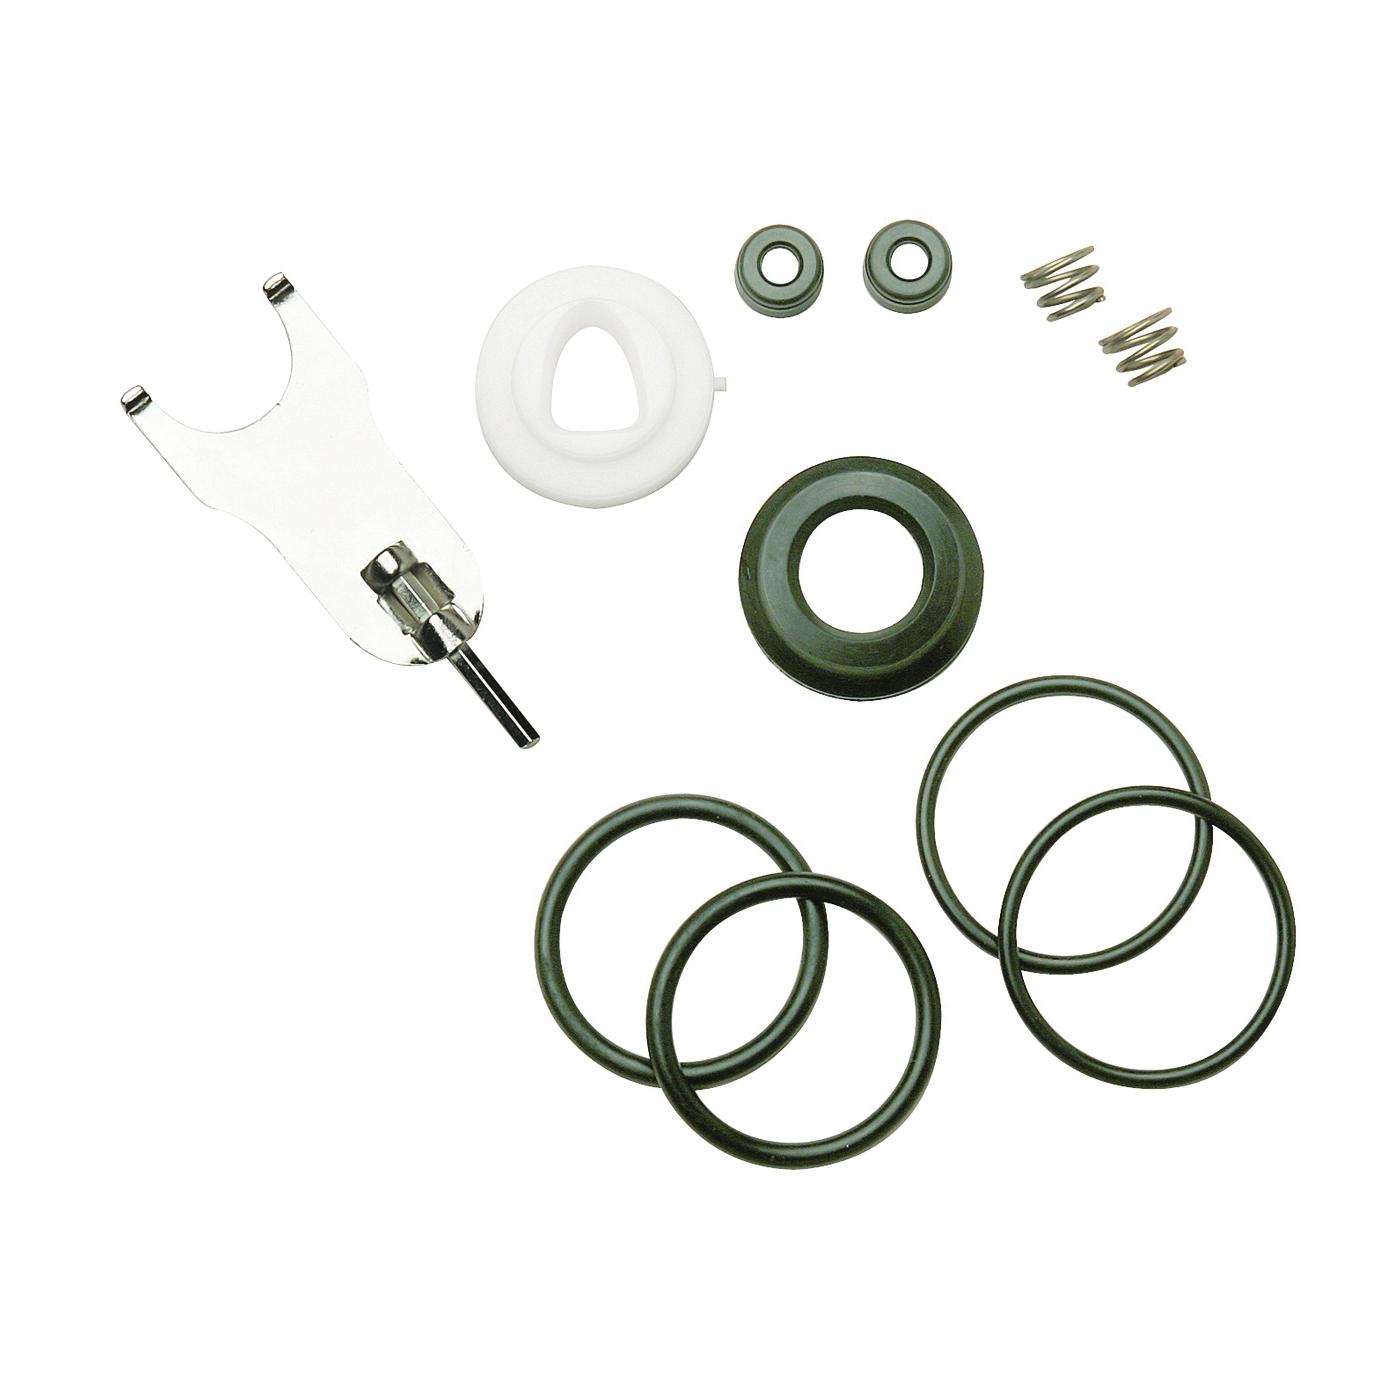 Picture of Plumb Pak PP808-69 Faucet Repair Kit, For: Delta Faucets